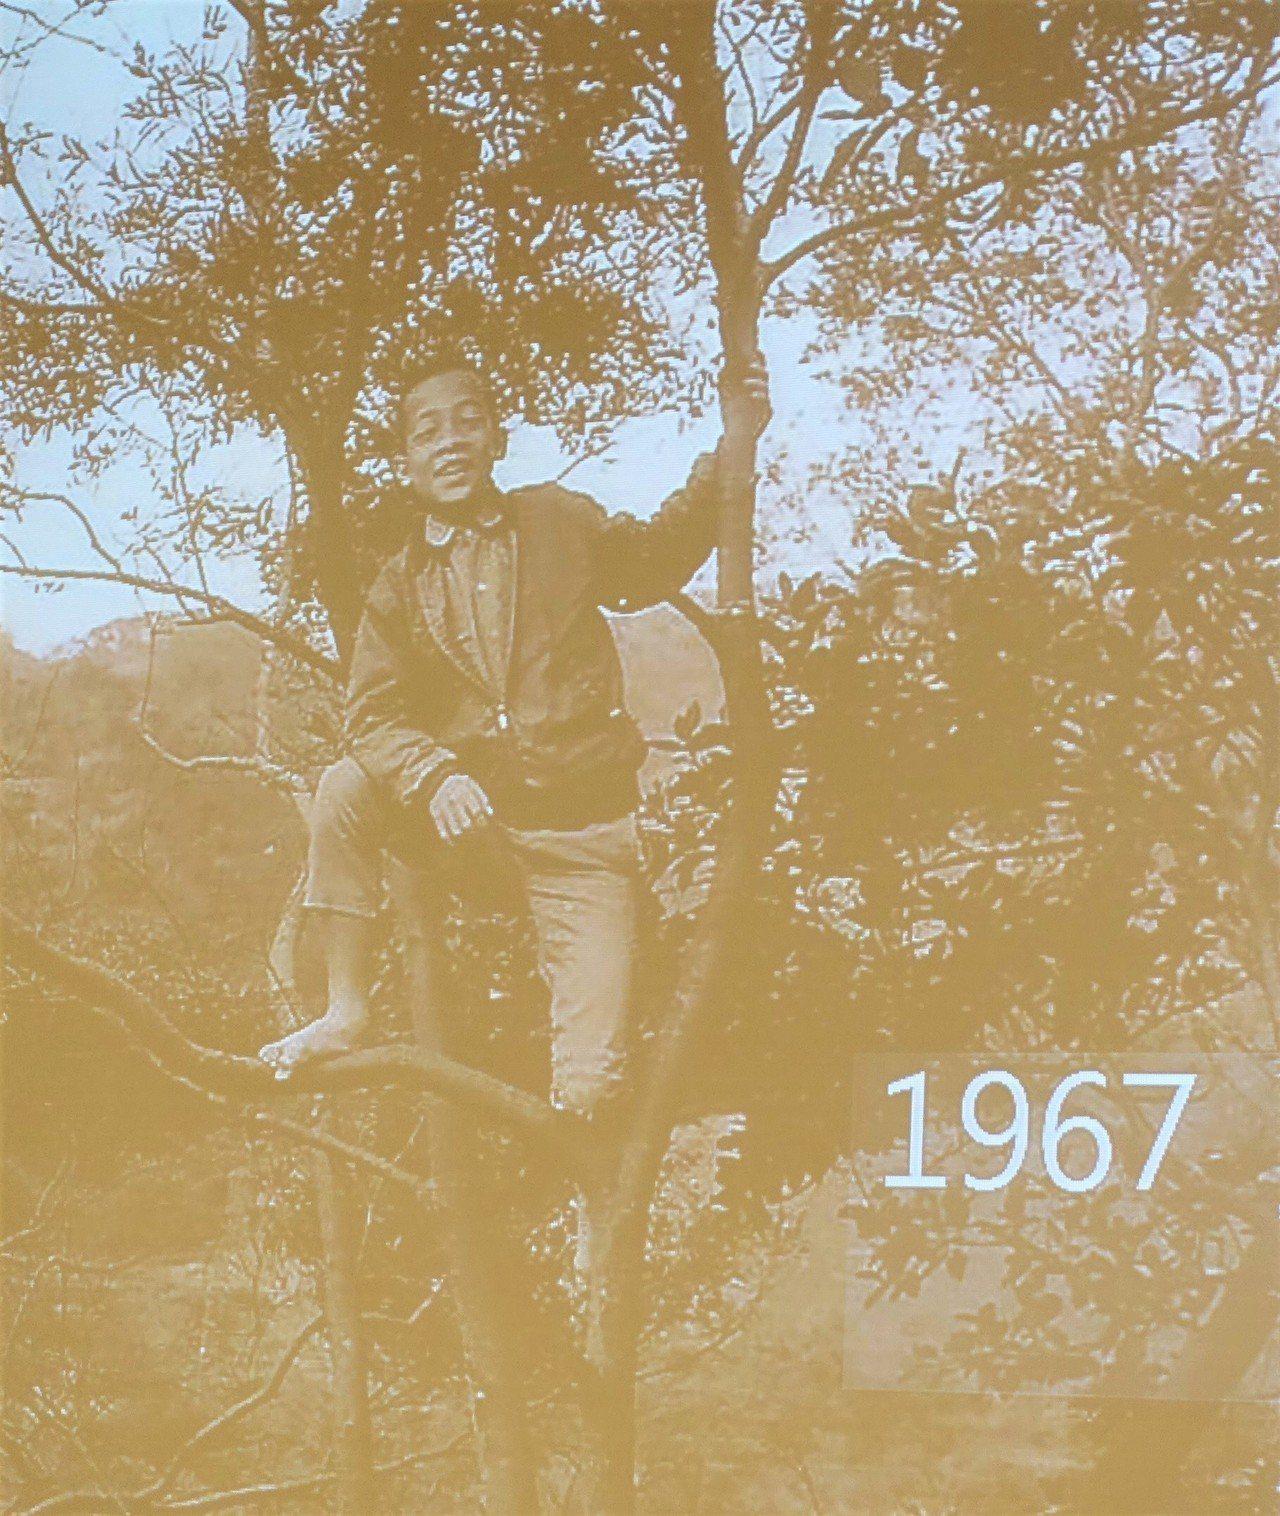 這是賴清德就讀國小時的照片。記者翁禎霞/翻攝